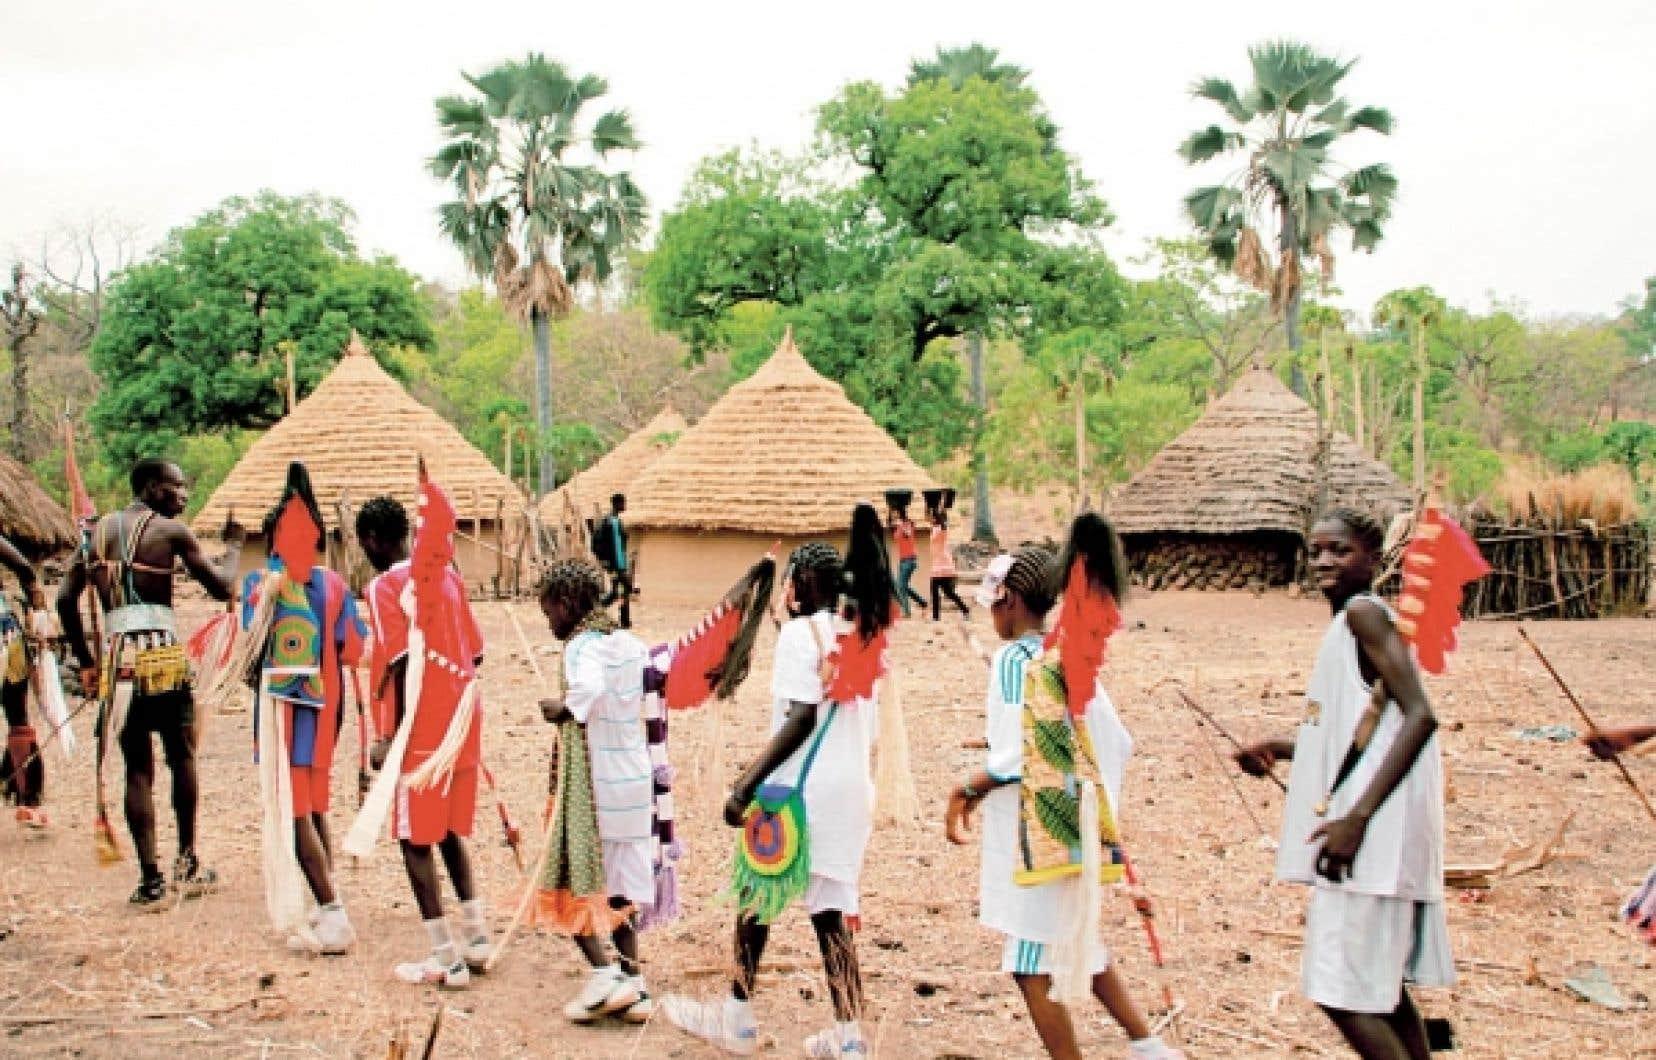 La veille de la cérémonie d'initiation des garçons organisée tous les ans par les anciens, les adolescents défilent dans le village, ici Éganga, encadrés de jeunes déjà initiés.<br />